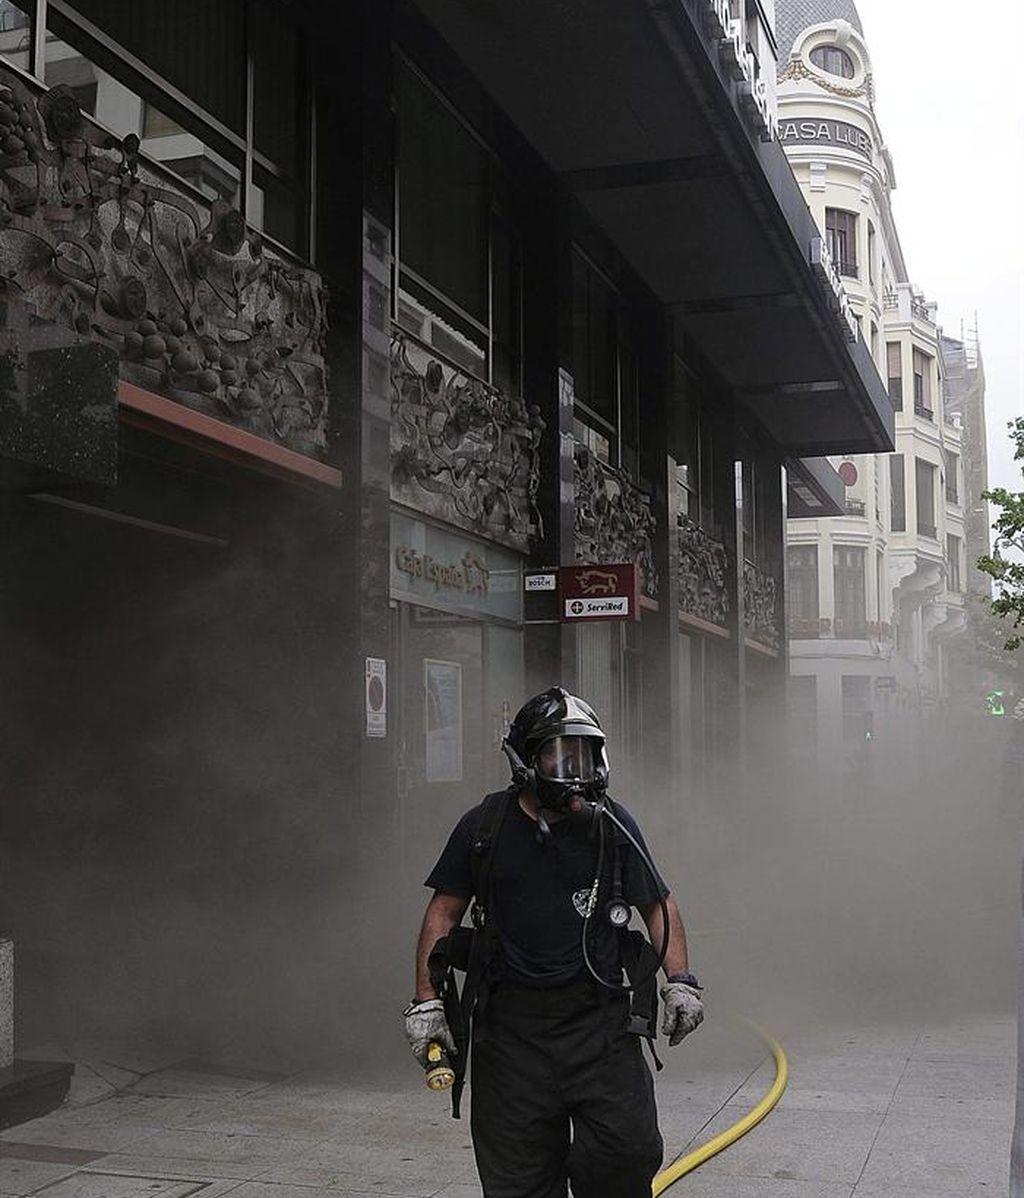 El incendio habría comenzado a las 15.45, y continúa sin control. No hay heridos.